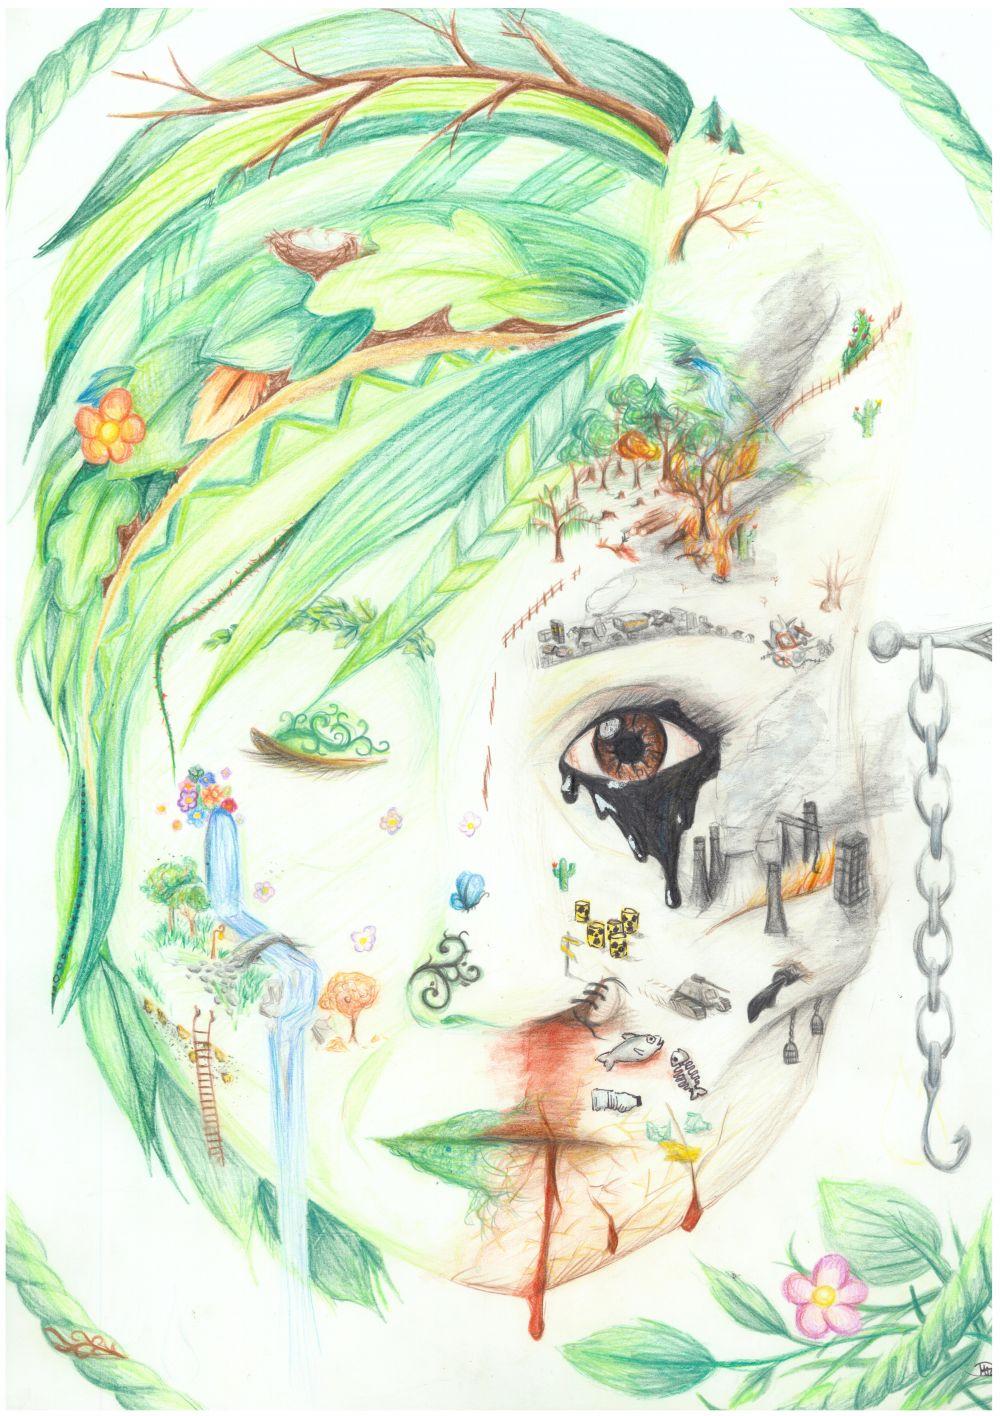 Gewinner-Zeichnung, Bild Platz 2, 13 bis 16 Jahre, Umwelt-Zeichnungswettbewerb 2018